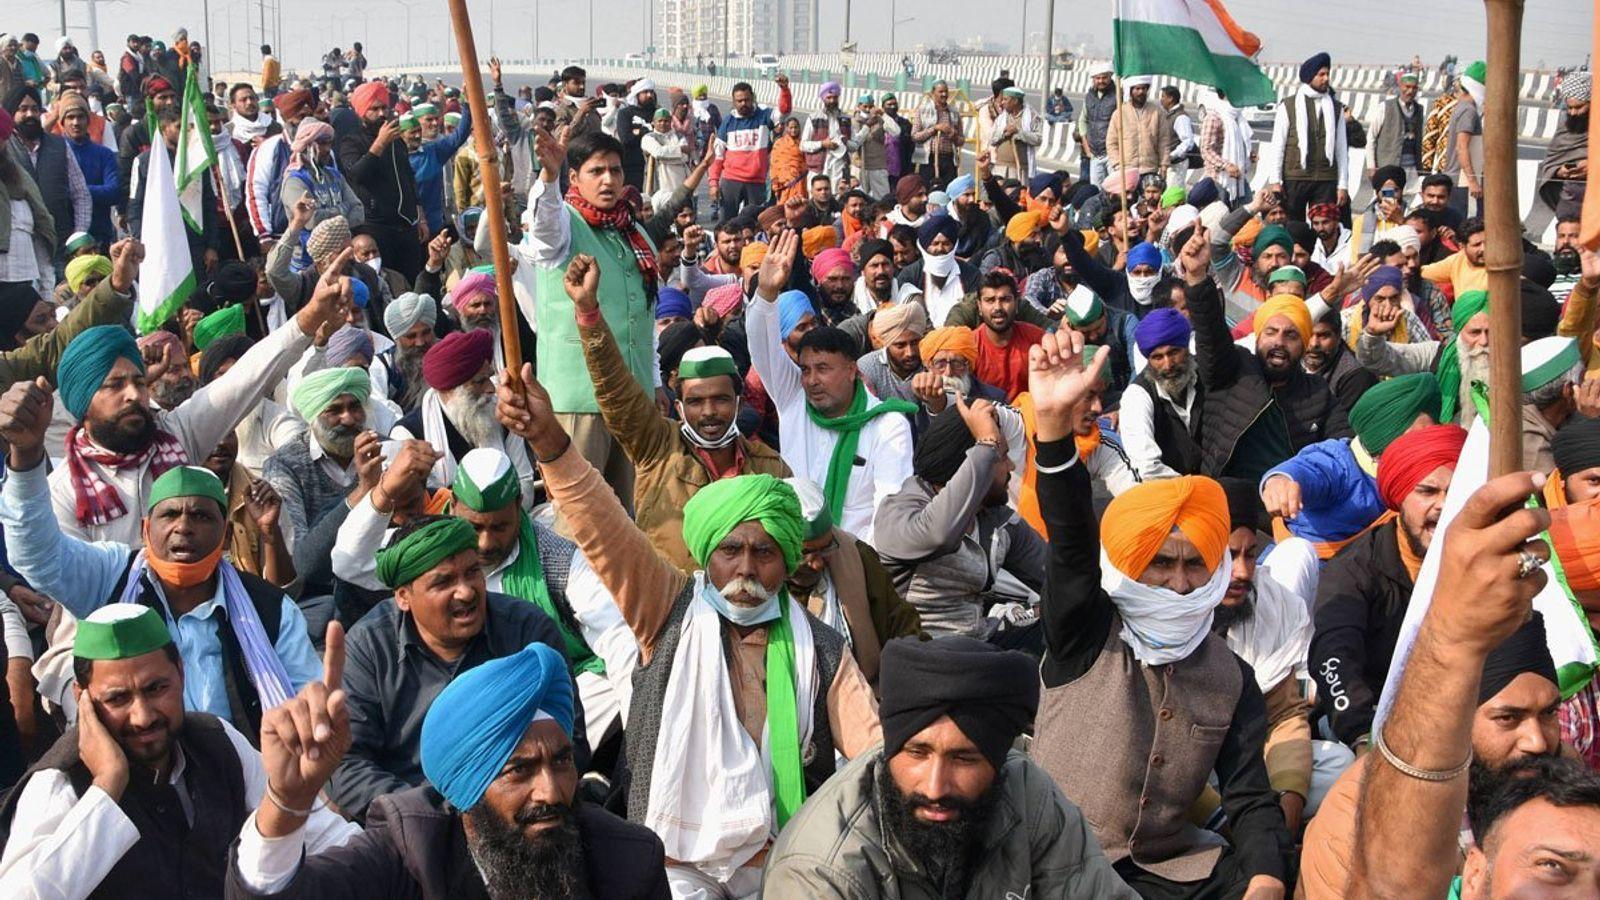 ખેડૂતો કૃષિ કાયદો રદ કરવા માટે 26 નવેમ્બરથી સીમા પર વિરોધપ્રદર્શન કરી રહ્યા છે.